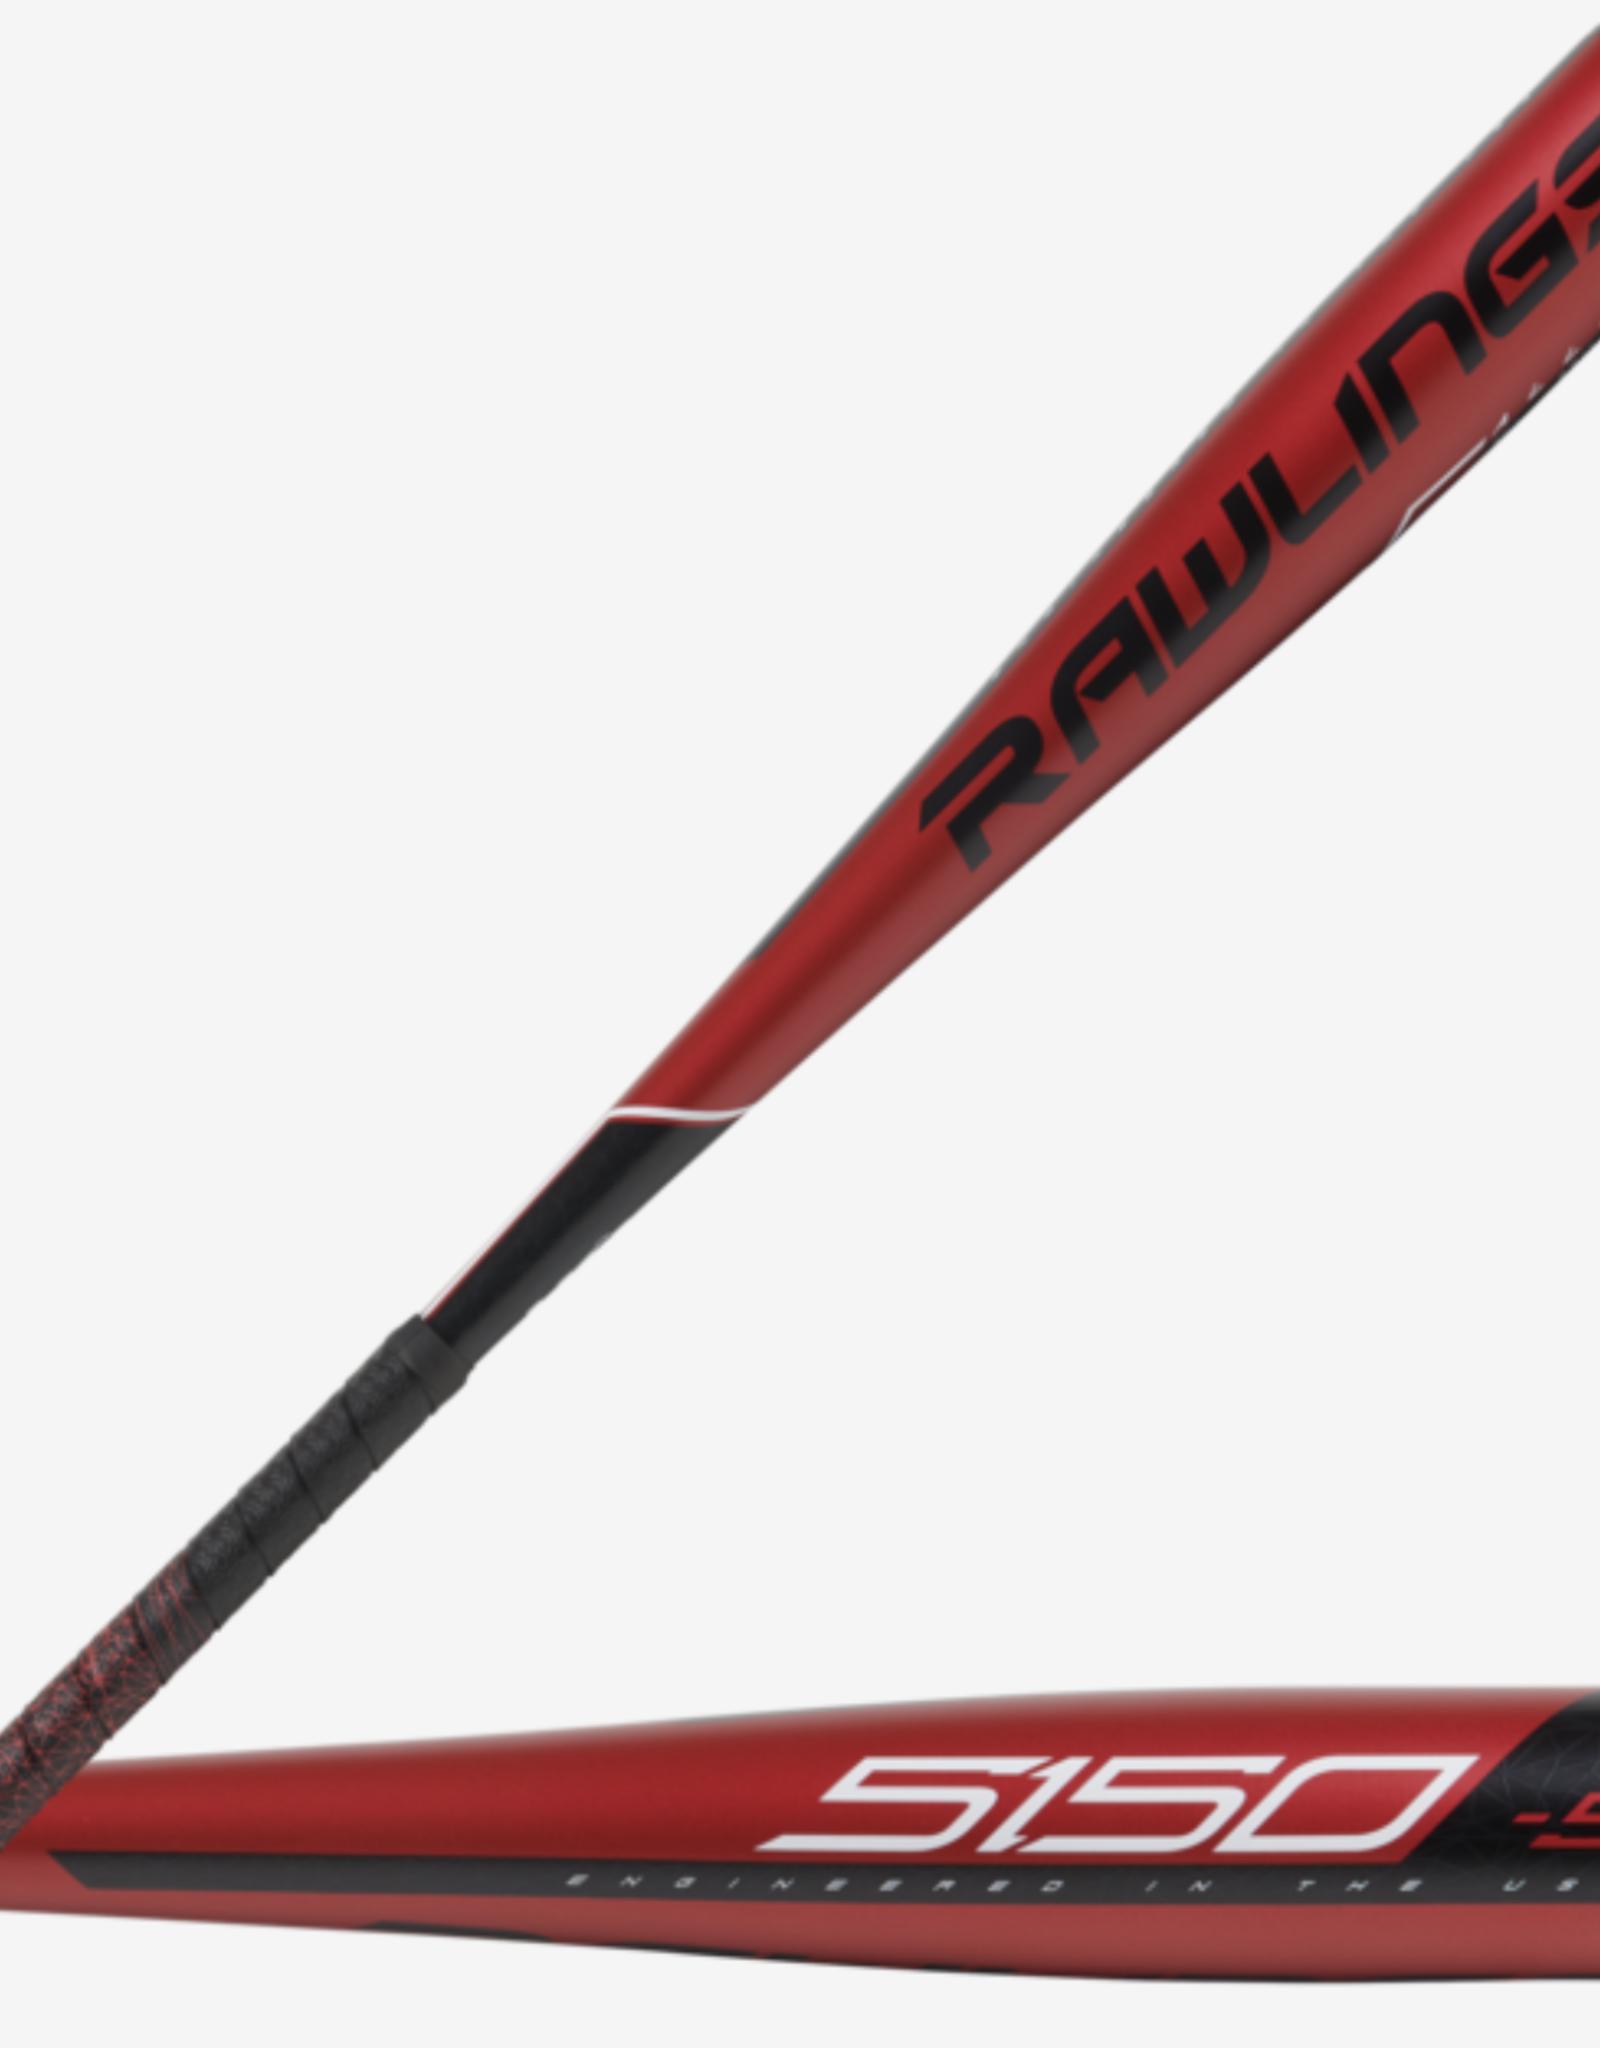 Rawlings Rawlings 5150 USA Bat -5